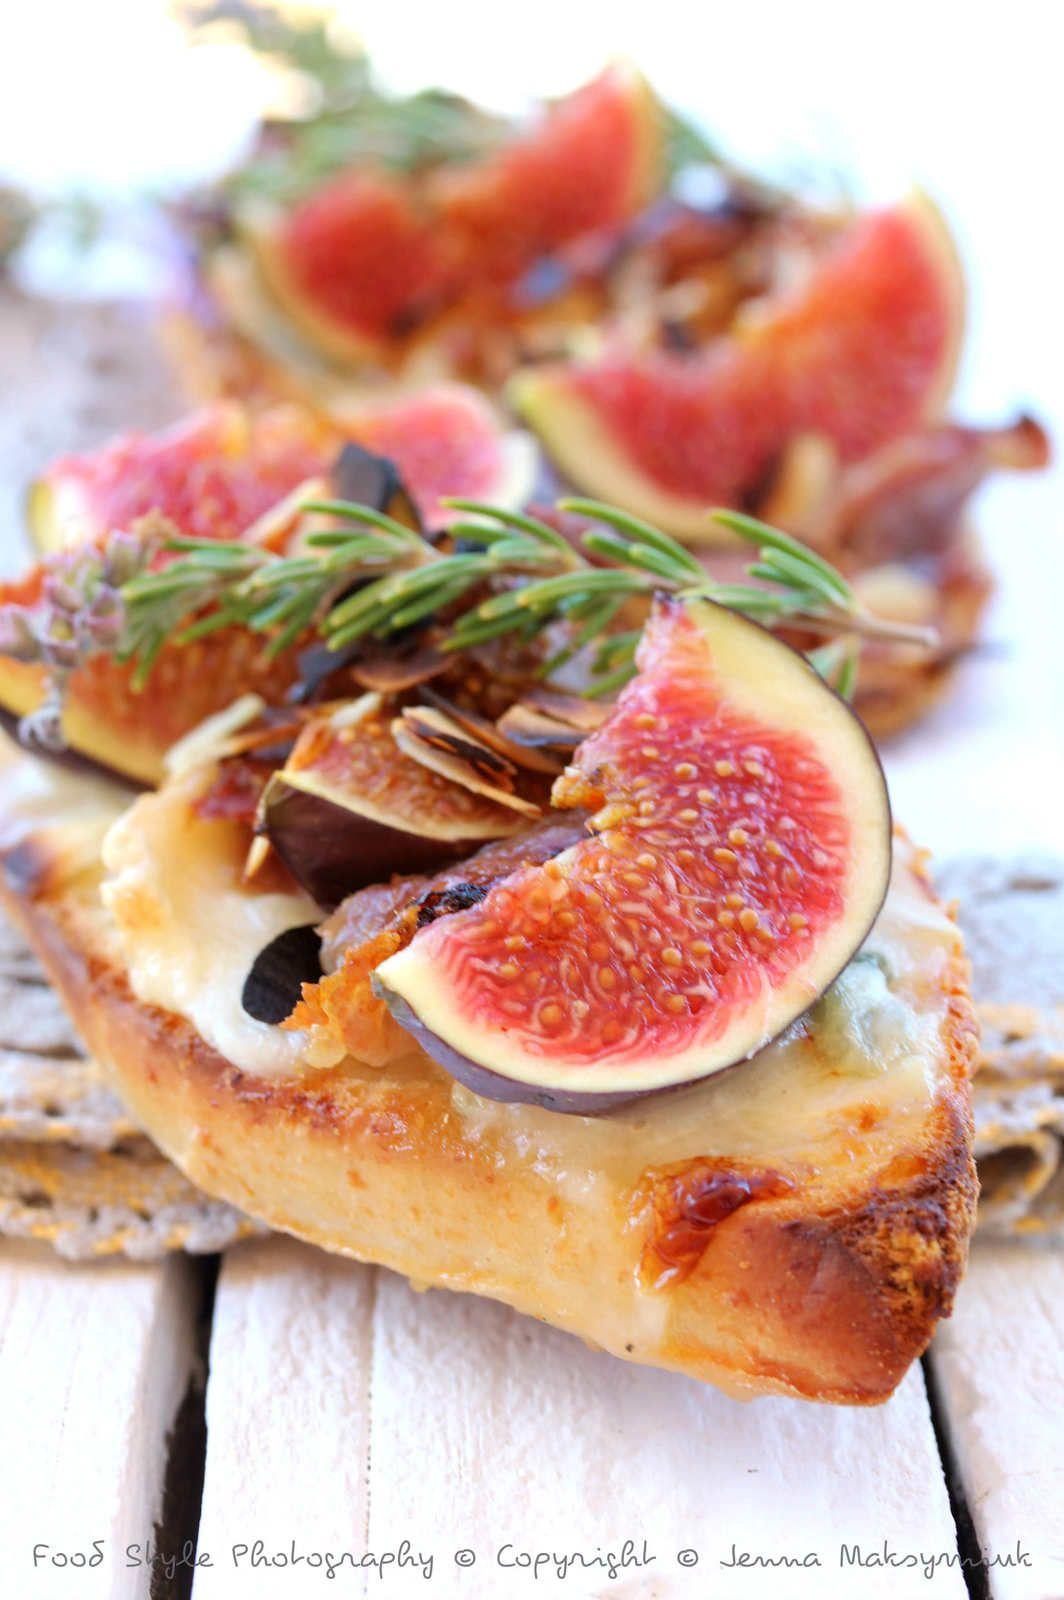 Bistro de Jenna Food Style Photography © Copyright © Jenna Maksymiuk